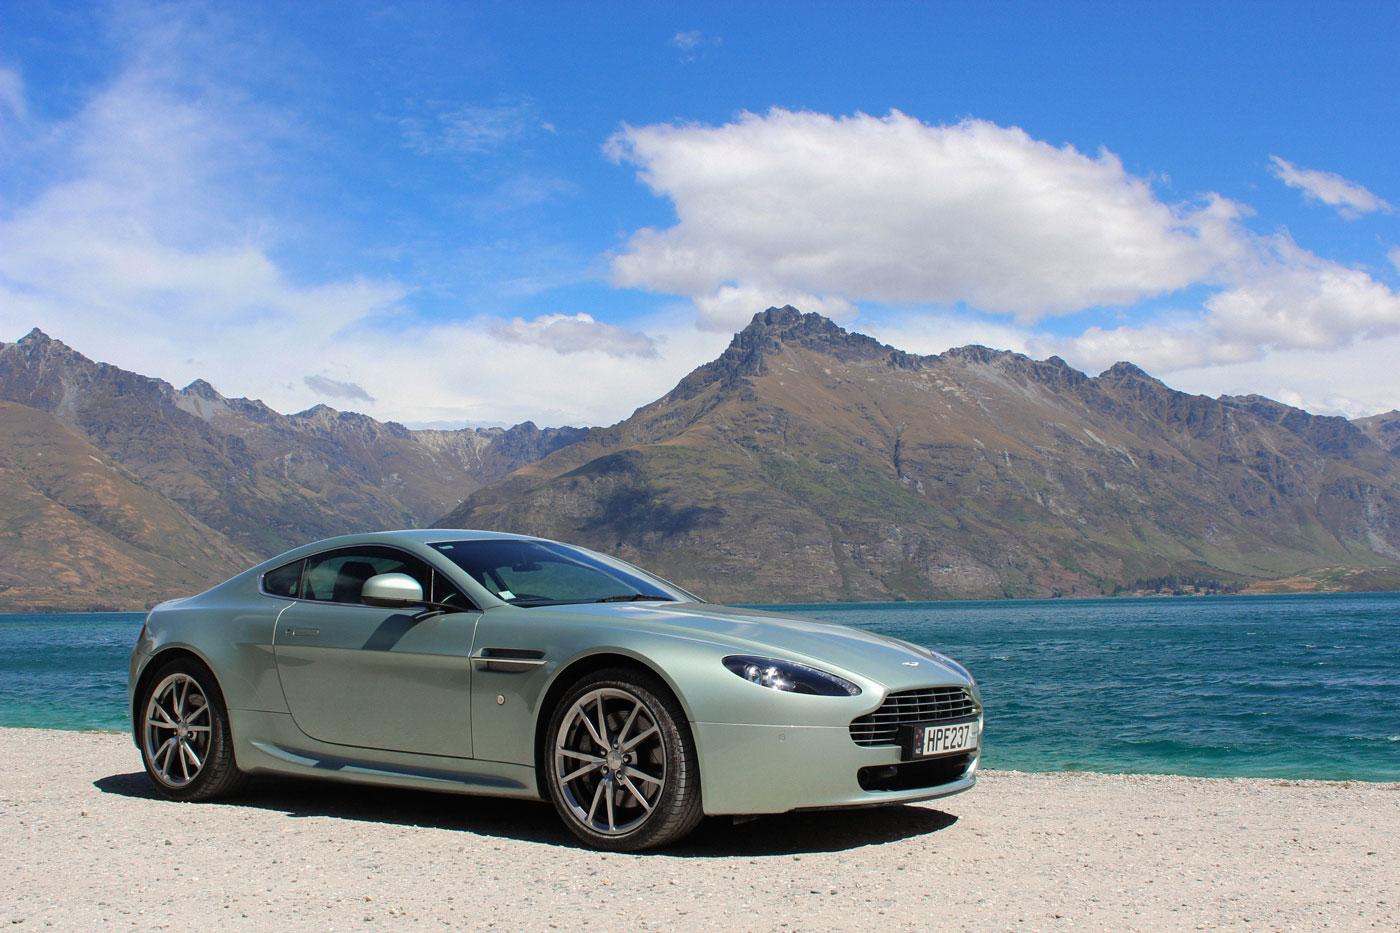 Dream Drive Aston Martin